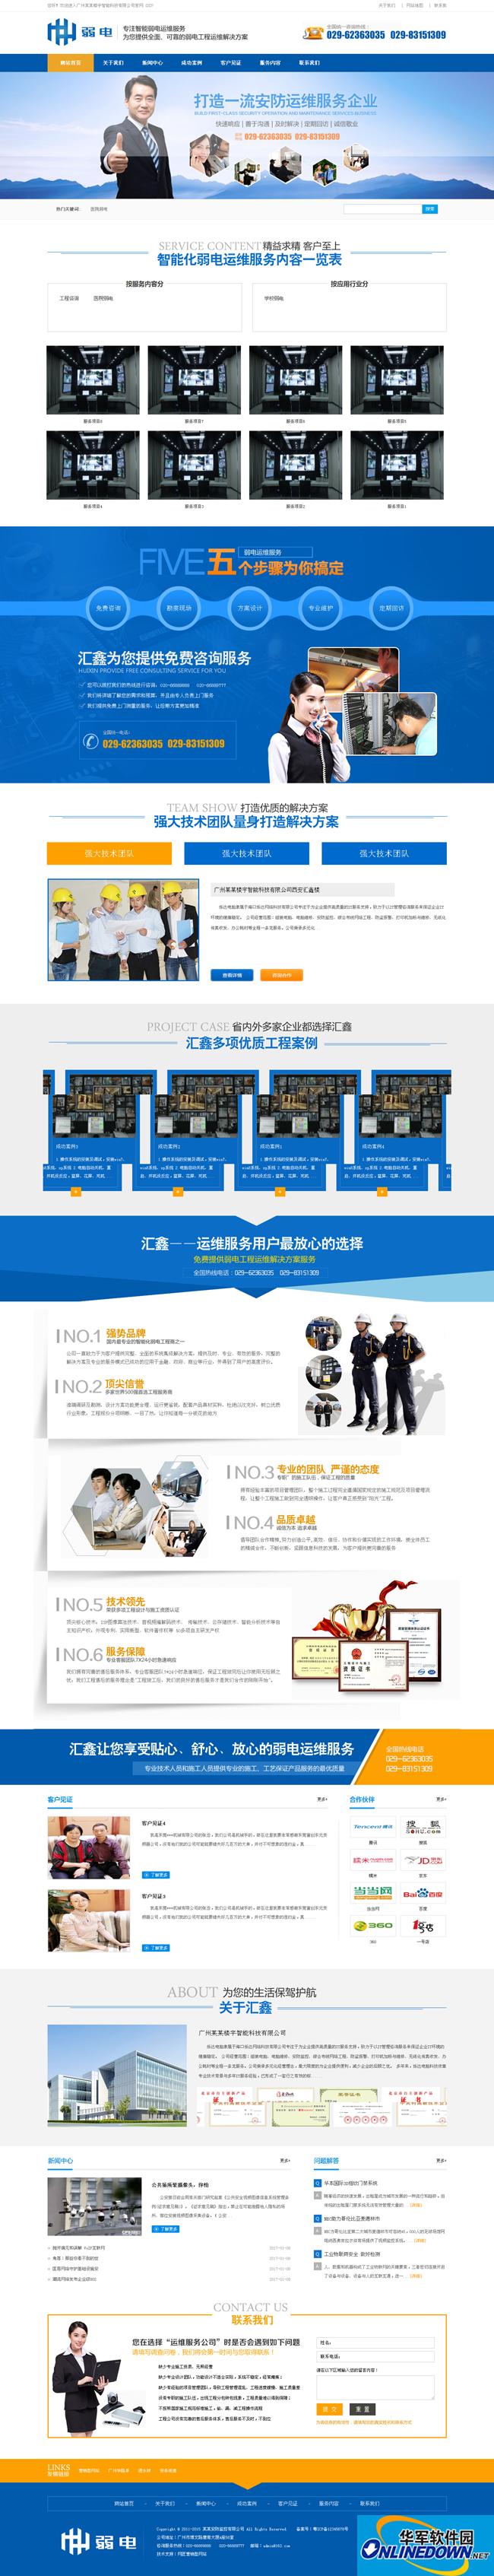 营销型安防监控楼宇智能科技行业网站织梦模板(带html5手机